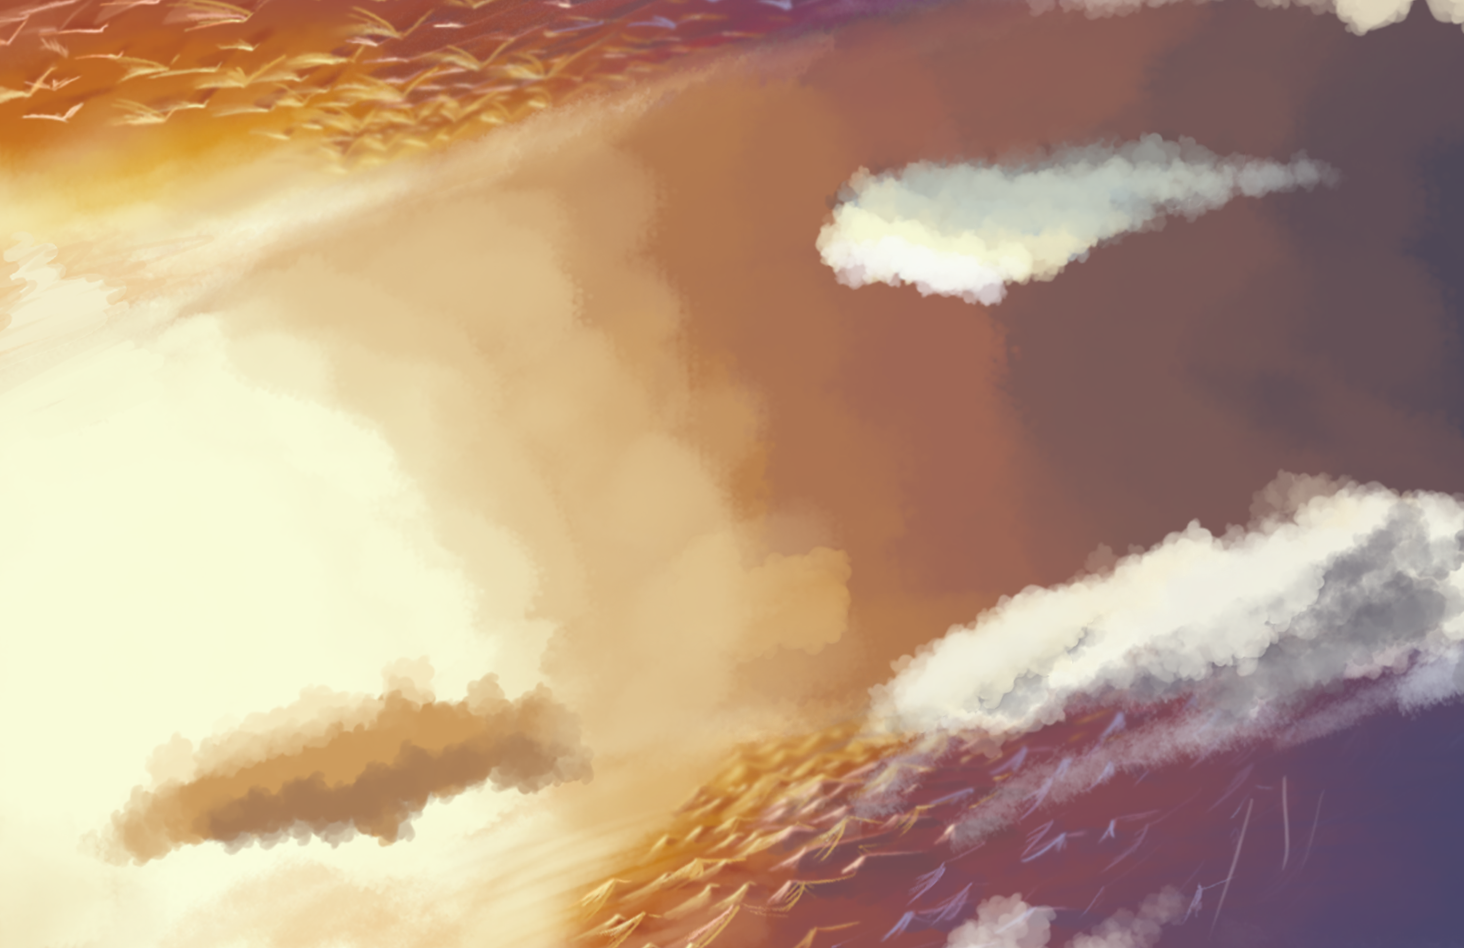 [Work in Progress] #001